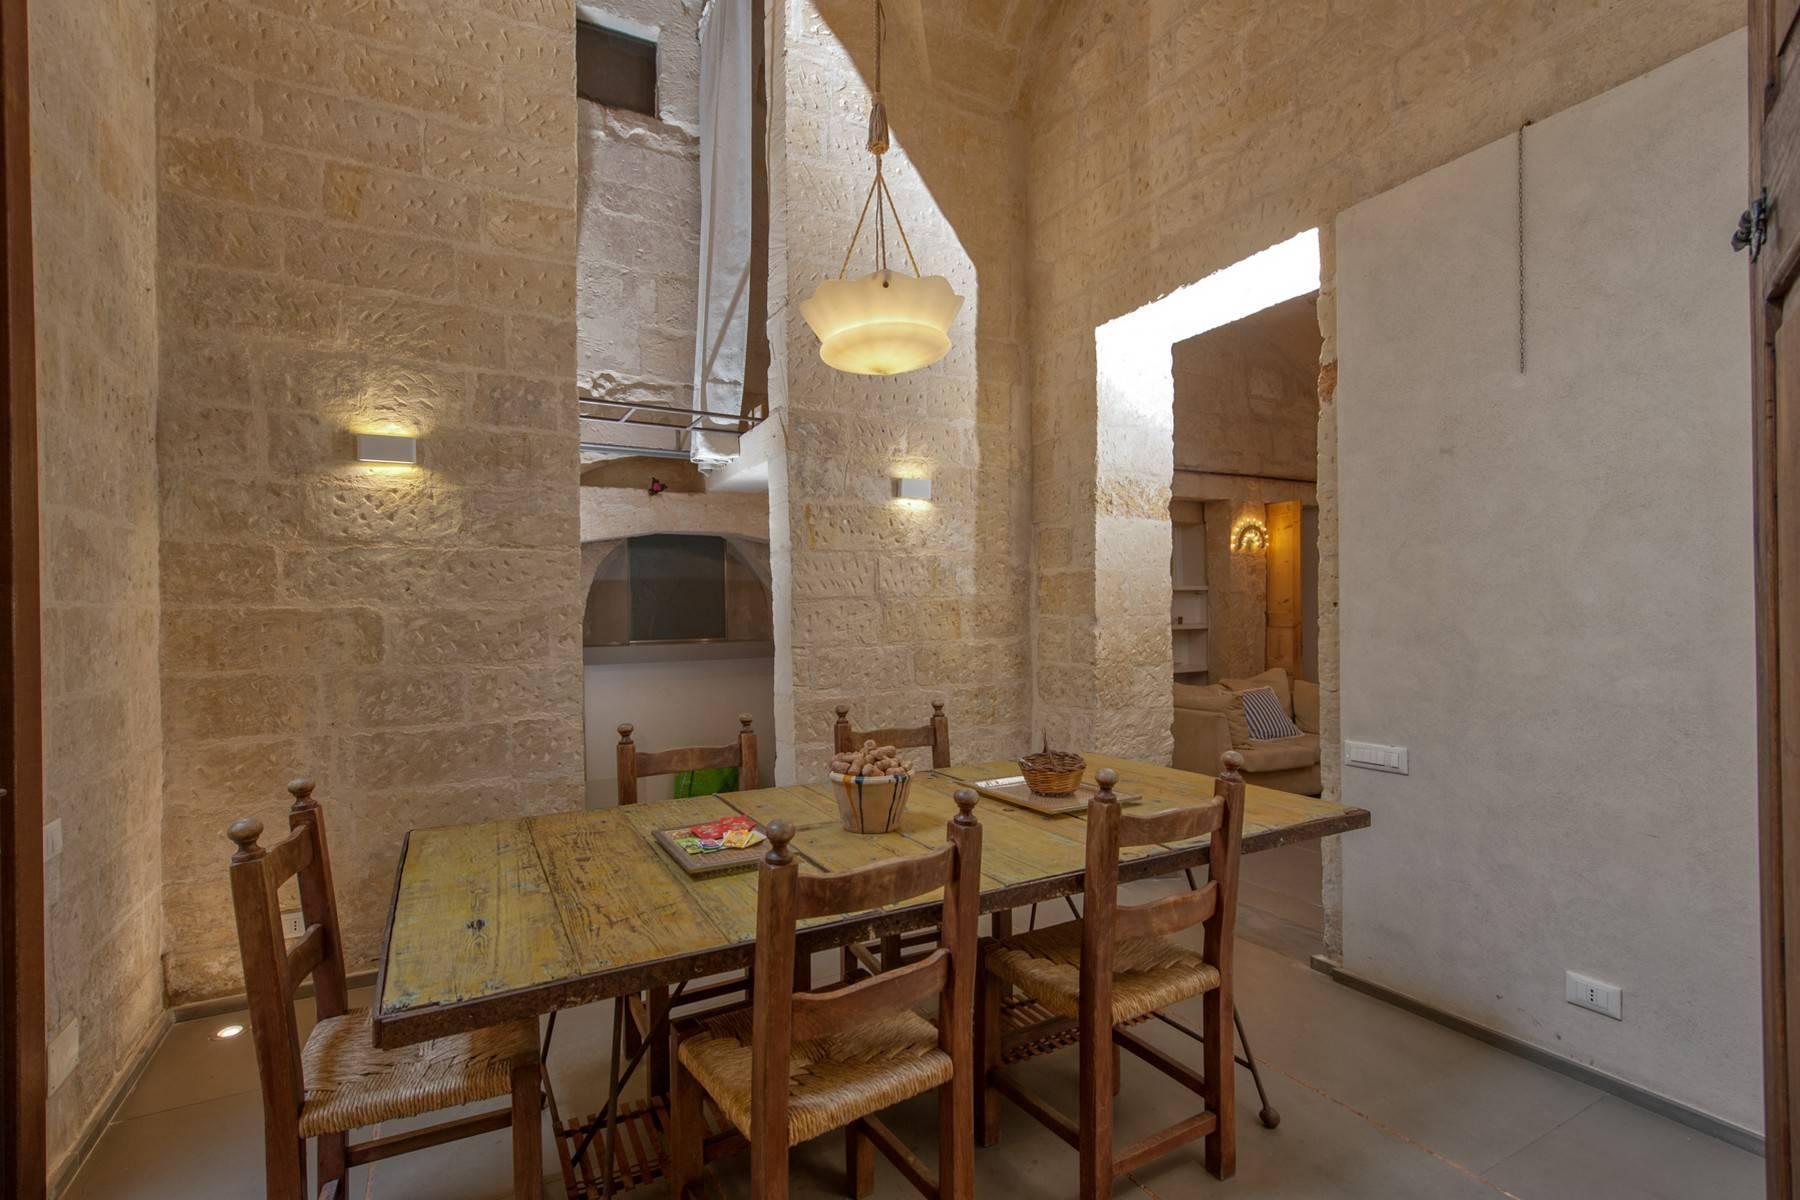 Abitazione indipendente di charme nel cuore del Barocco Leccese - 5